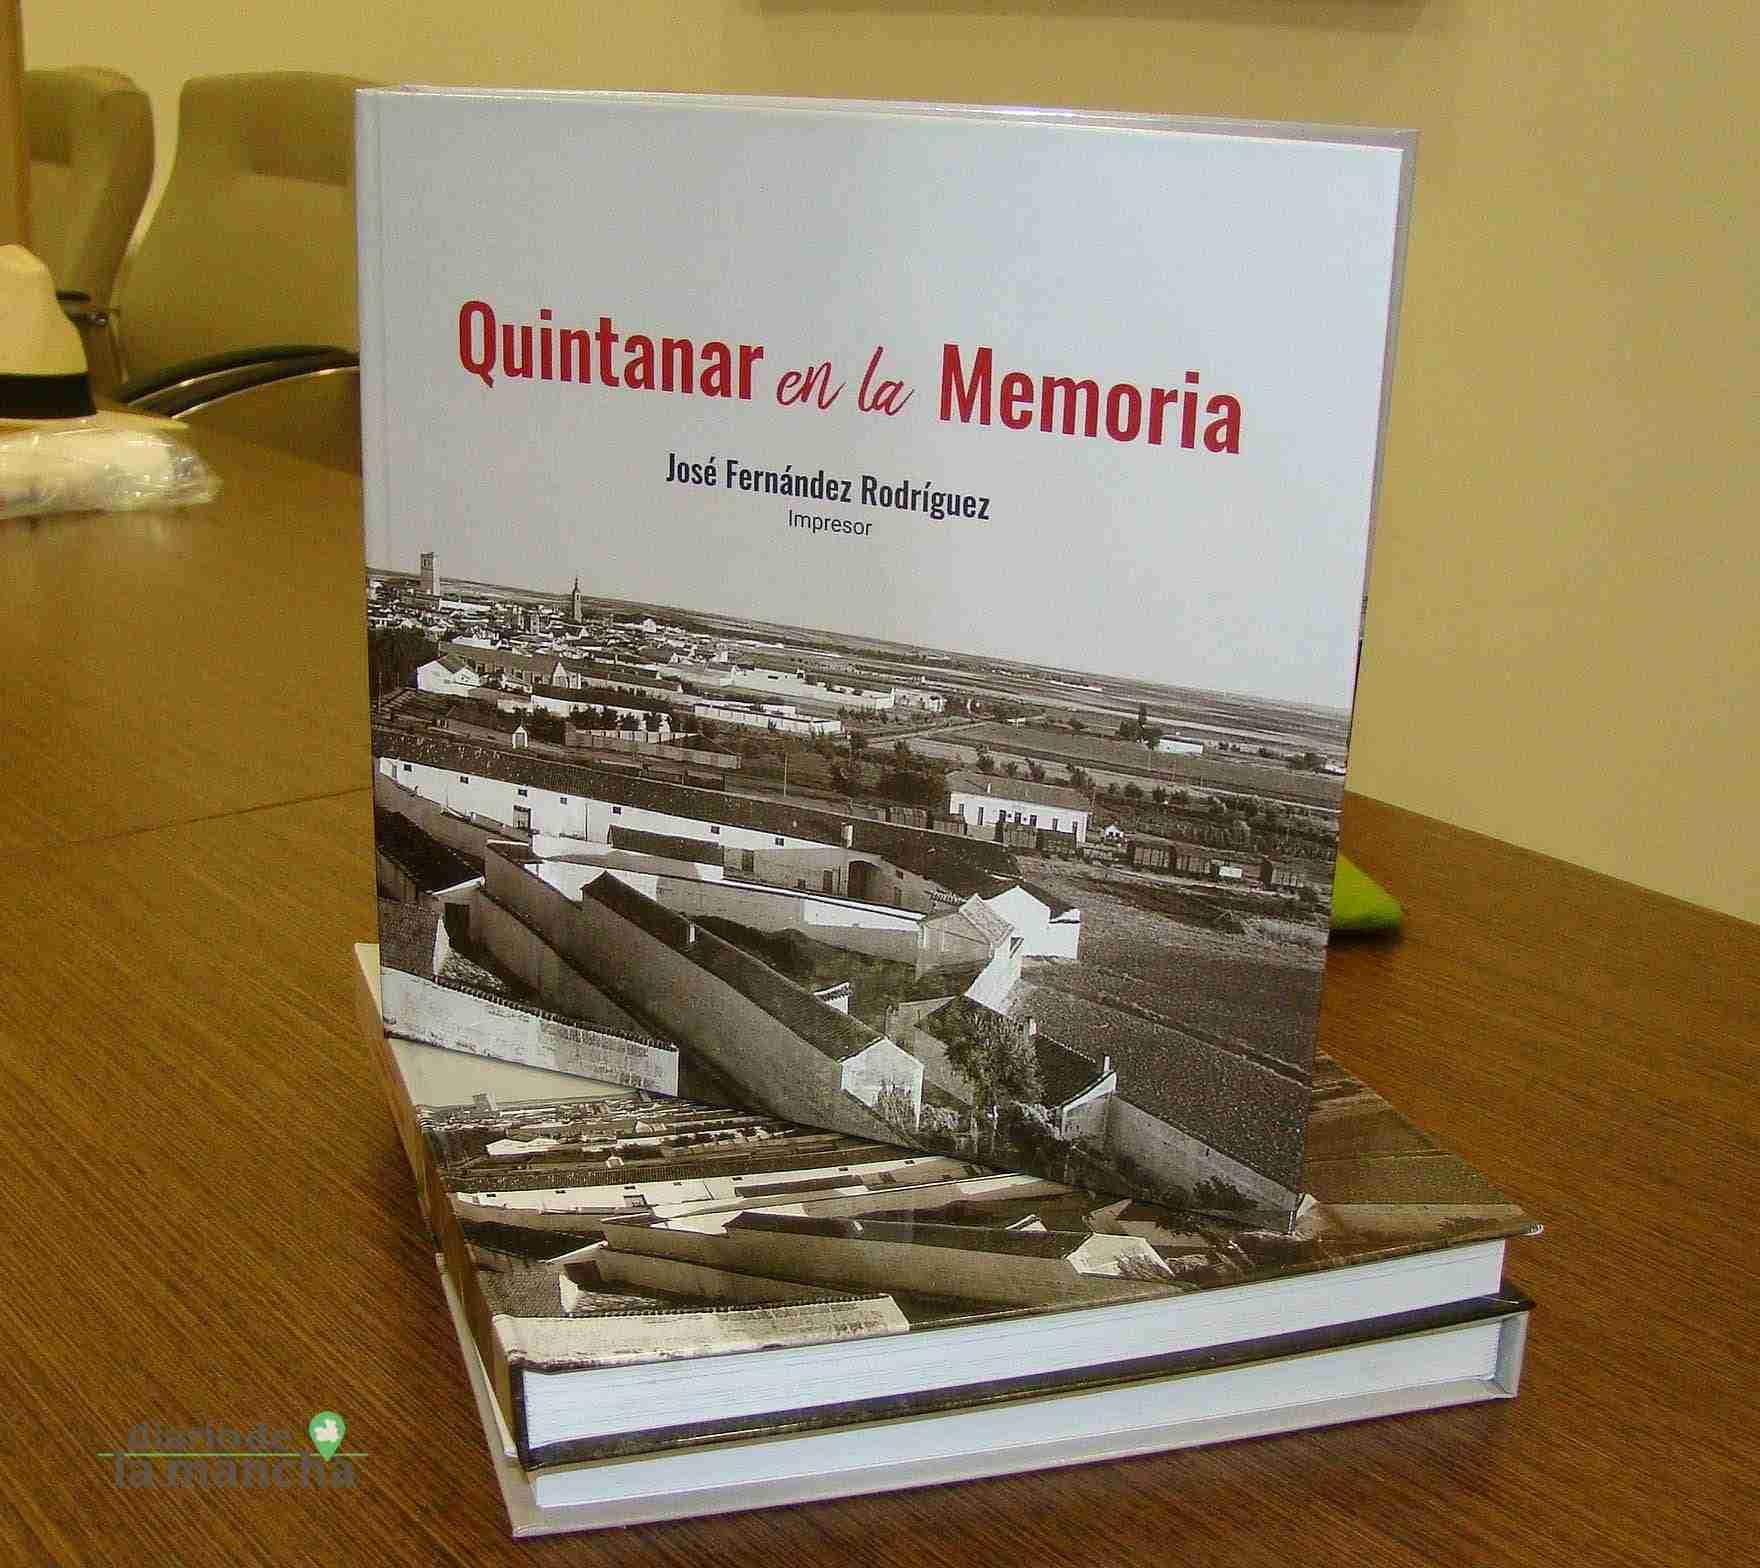 """El quintanareño José Fernández Rodríguez presenta su libro """"Quintanar en la Memoria"""" 21"""